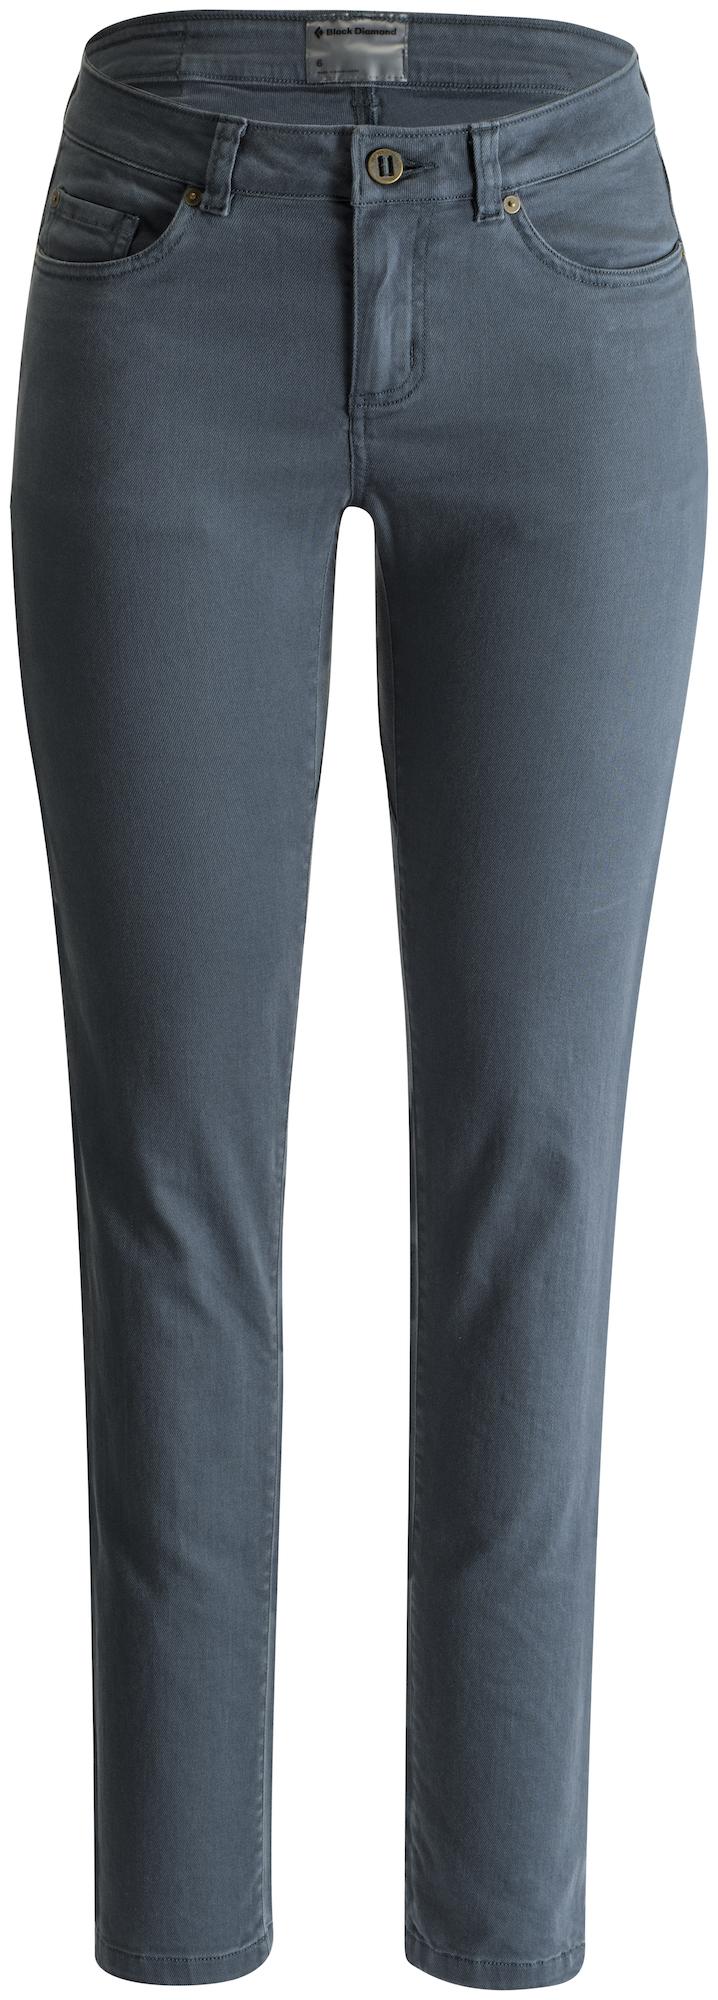 Black Diamond Stretch Font Pants - Kletterhose - Damen